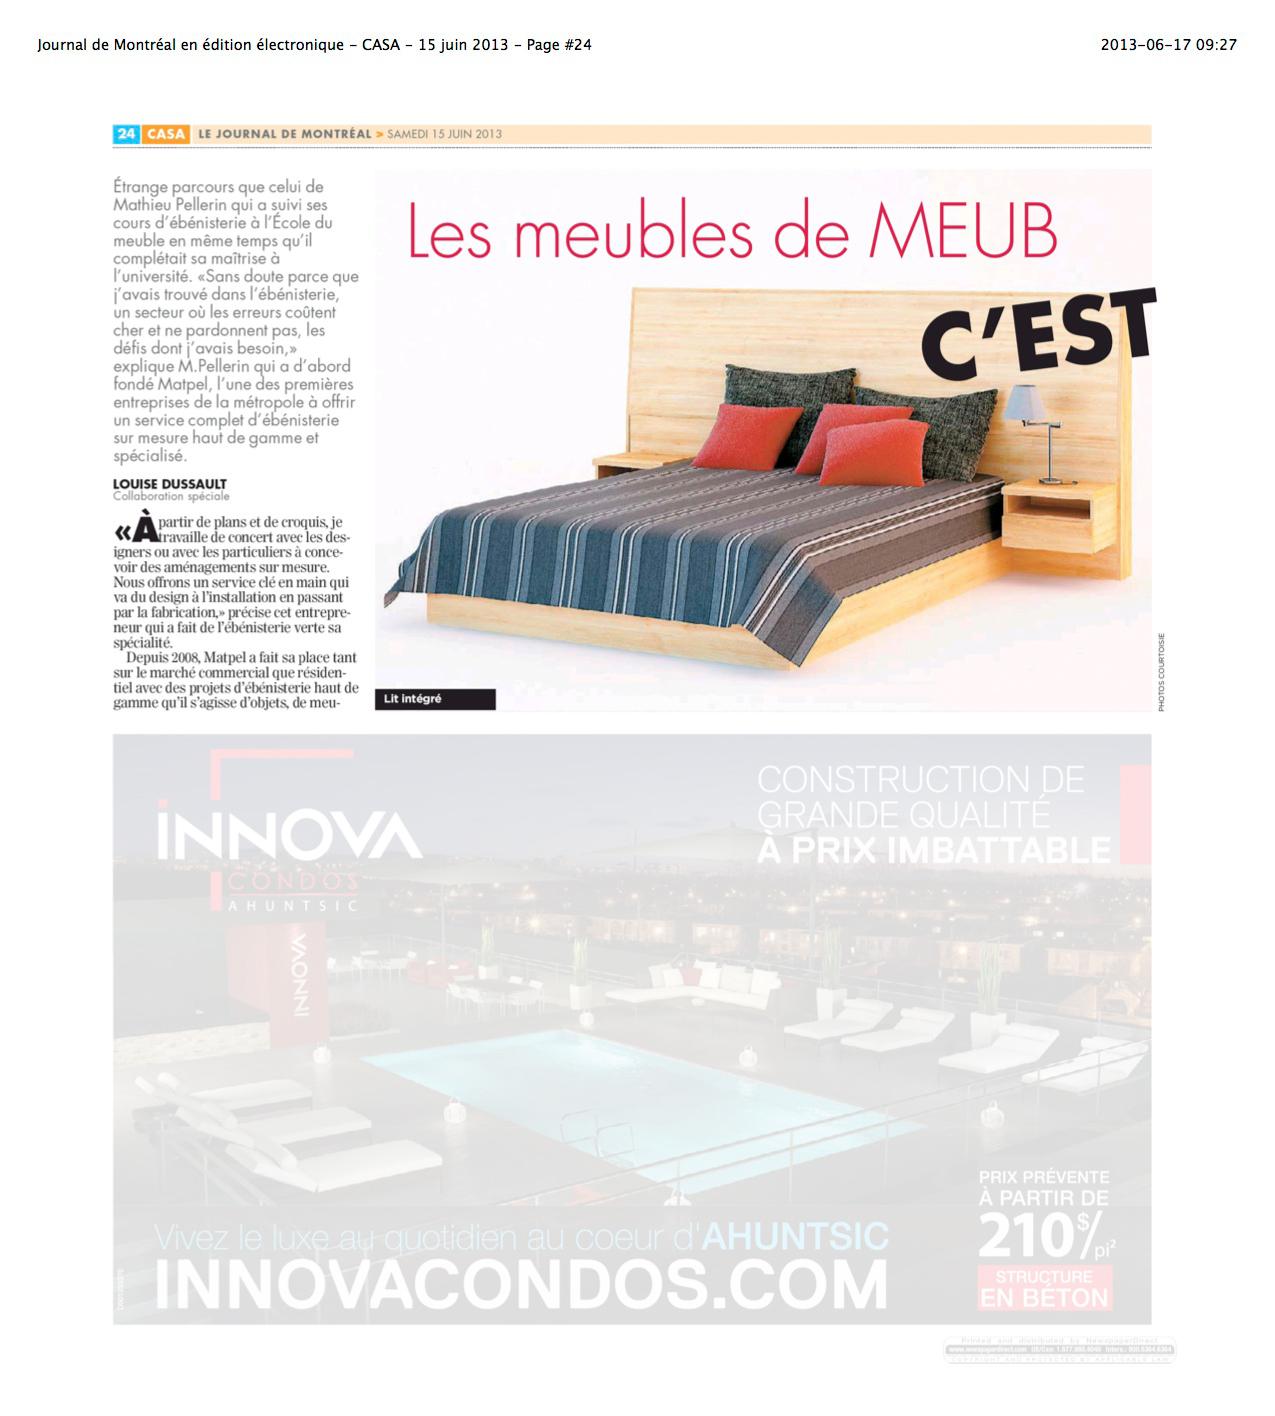 1506_Journal de Montréal en édition électronique - CASA - 15 juin 2013 - Page #24 copy